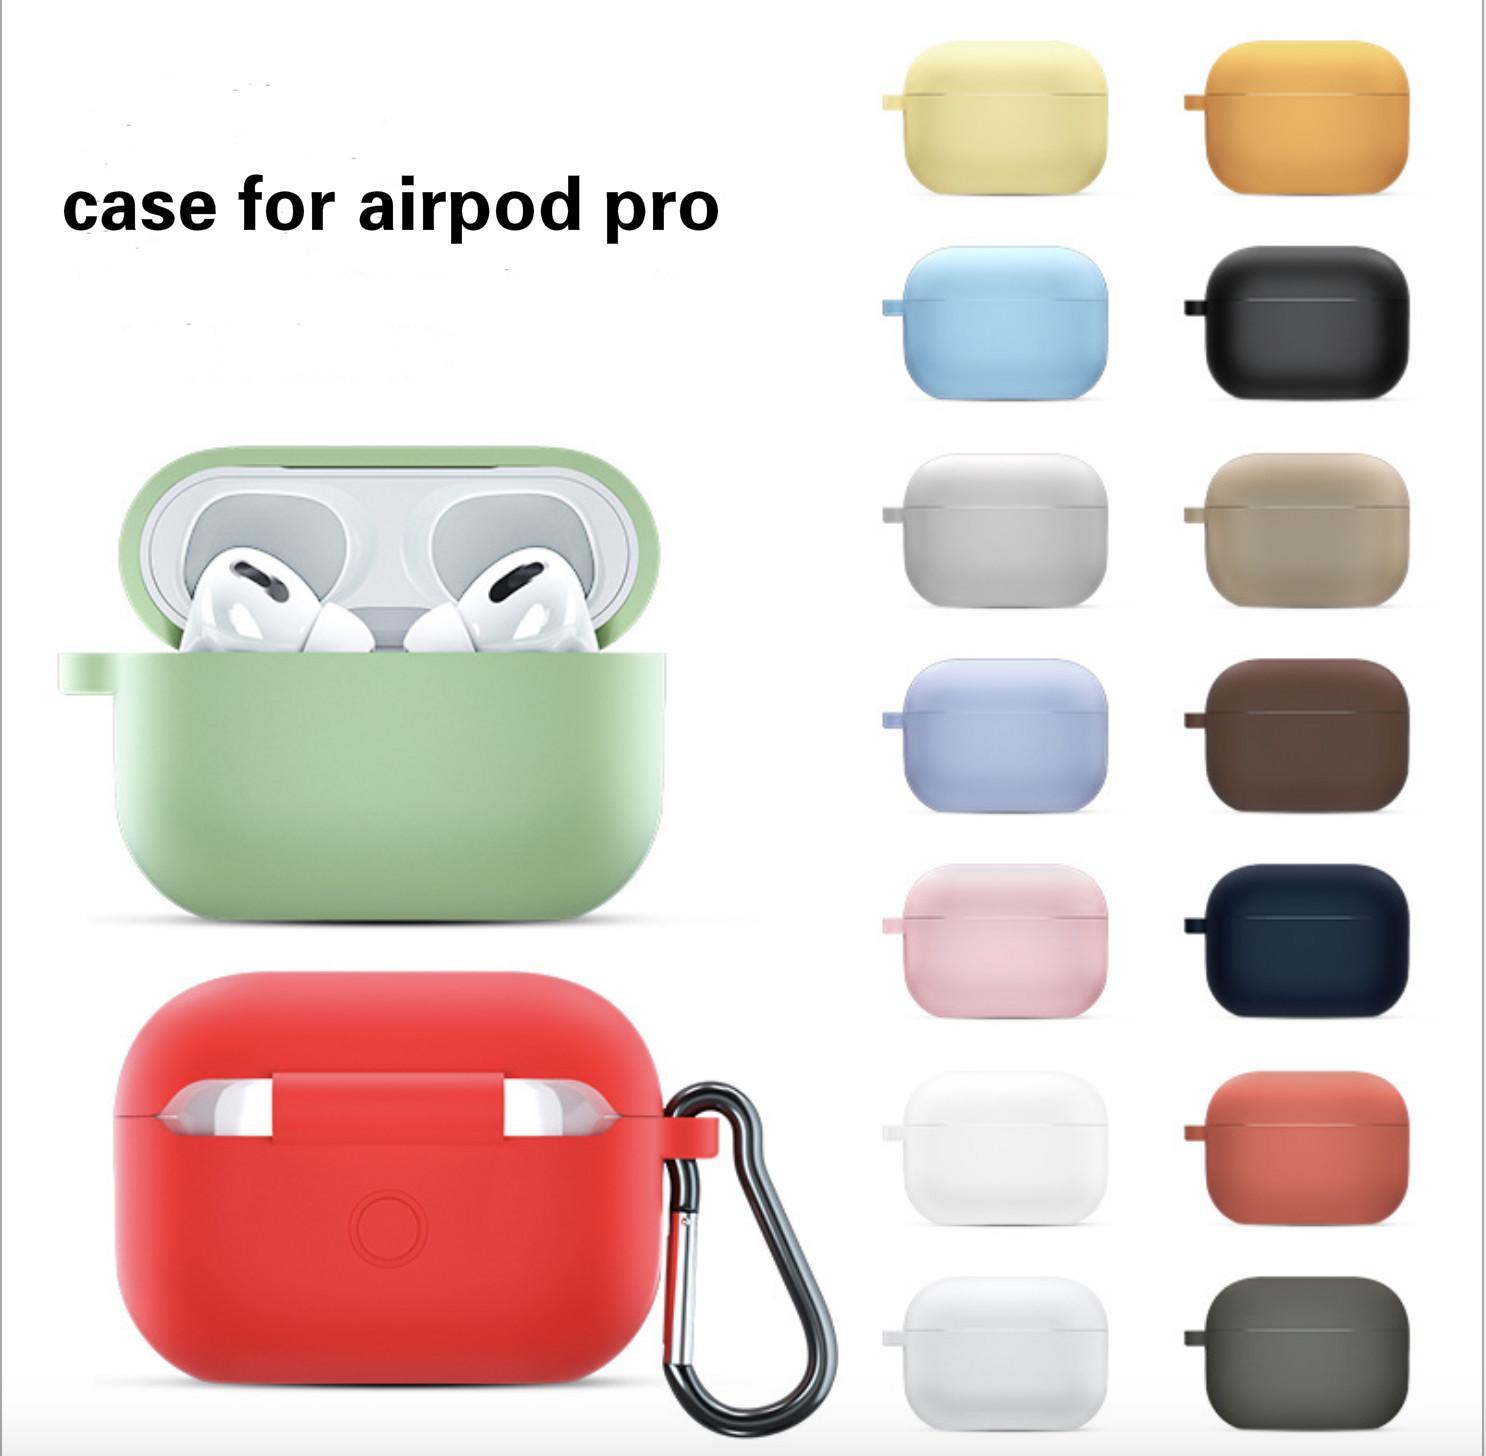 غطاء حماية سيليكون الملونة ل iPhone airpods اللاسلكية سماعة سيليكون airpod حامي حقيبة القضية